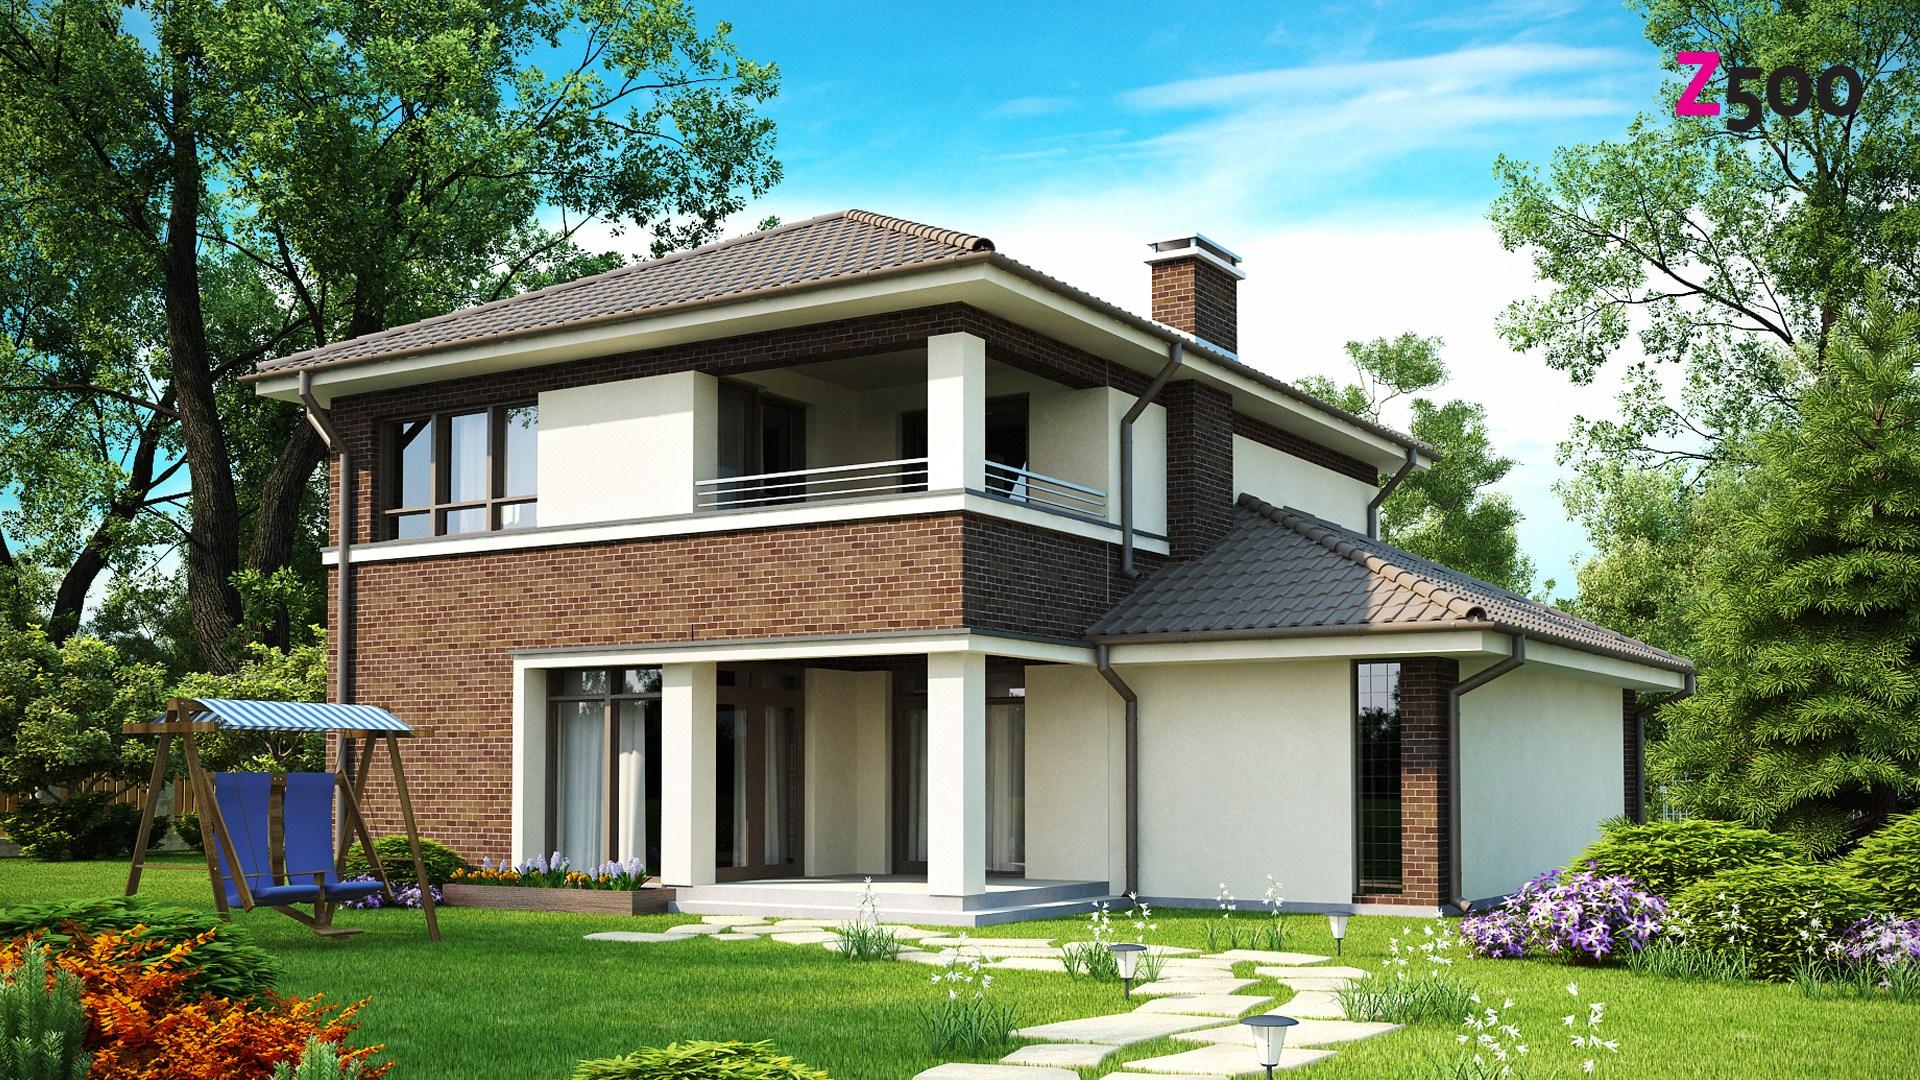 Дизайн проект двухэтажного дома фото